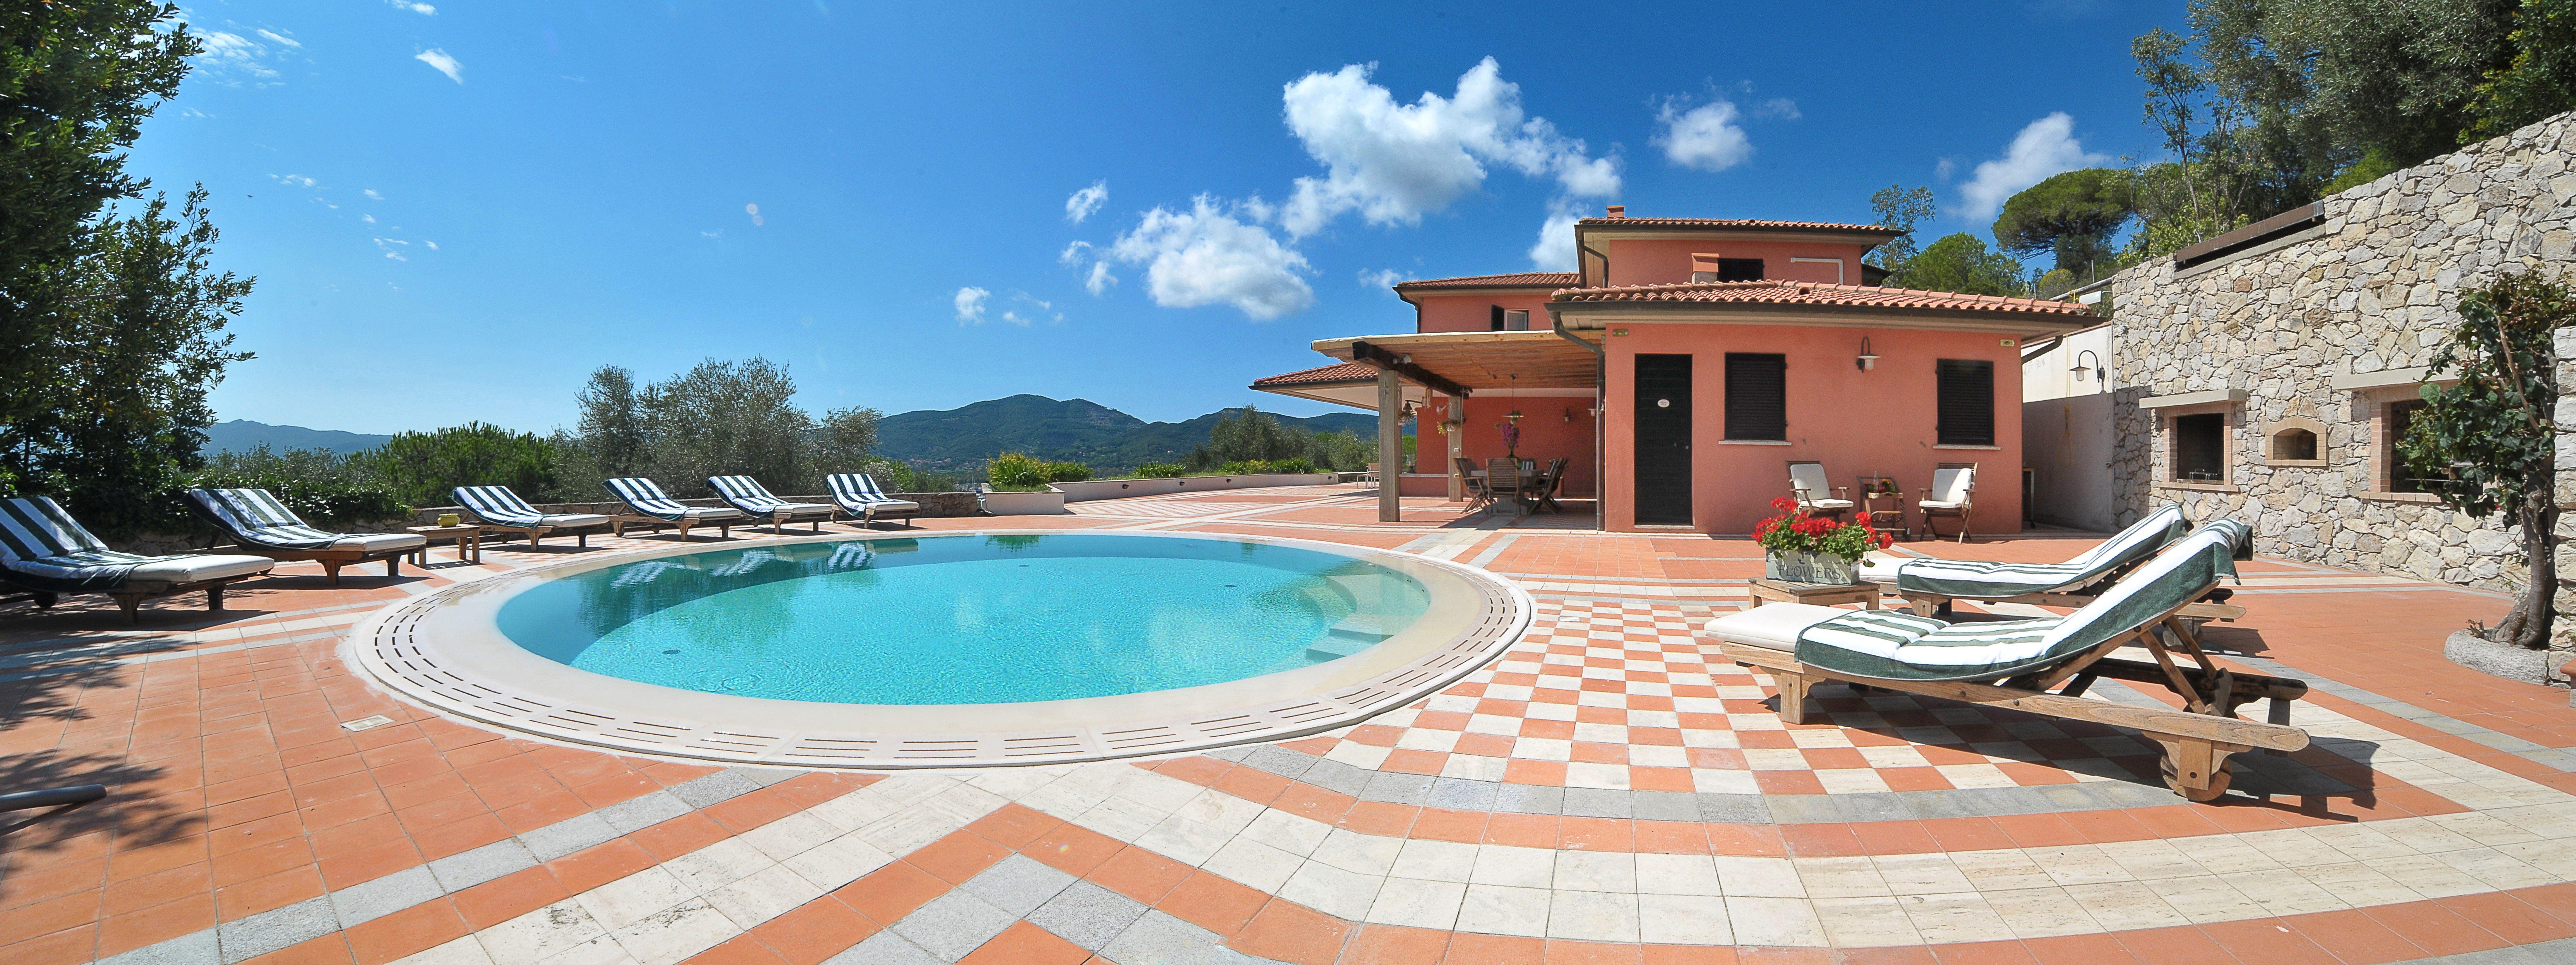 Vendita villa con piscina a portoferraio livorno - Ville con piscina ...